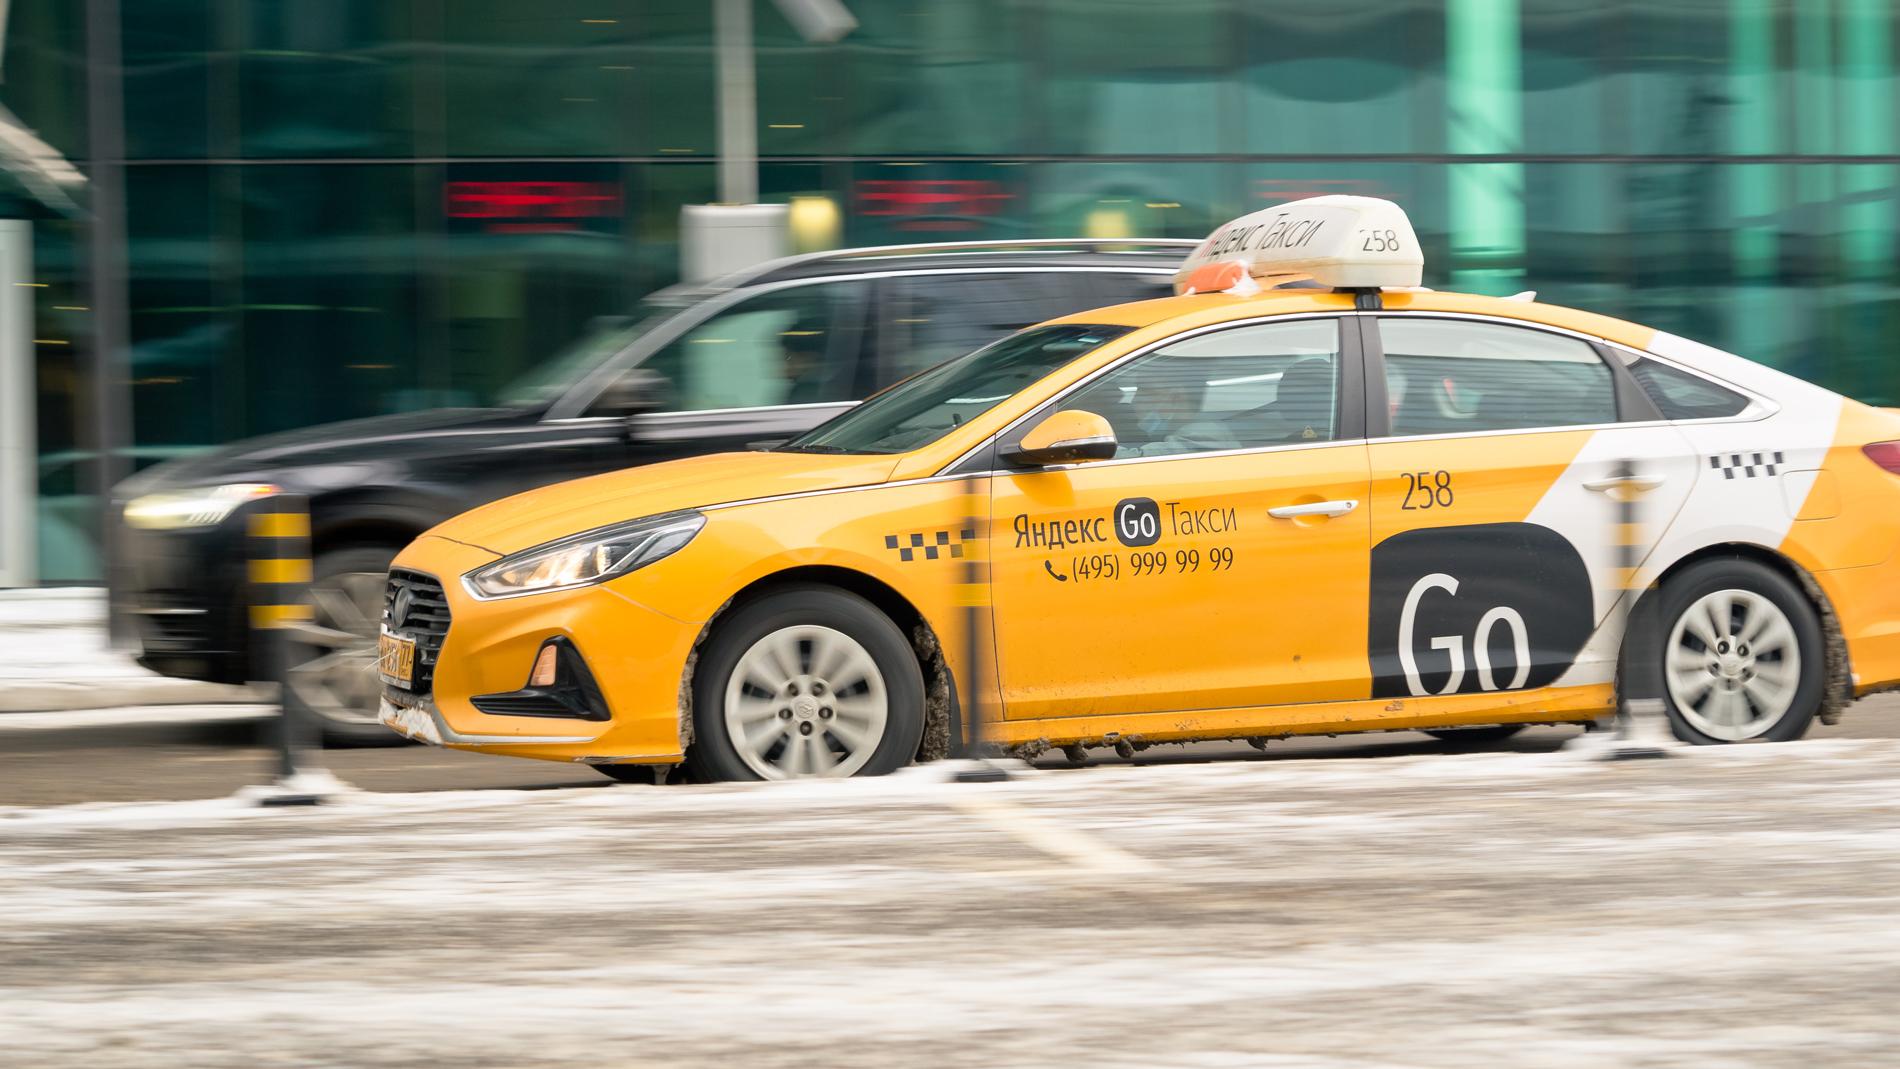 В ФАС пожаловались на 'Яндекс Go' и другие агрегаторы такси: цены выросли из-за снегопадов